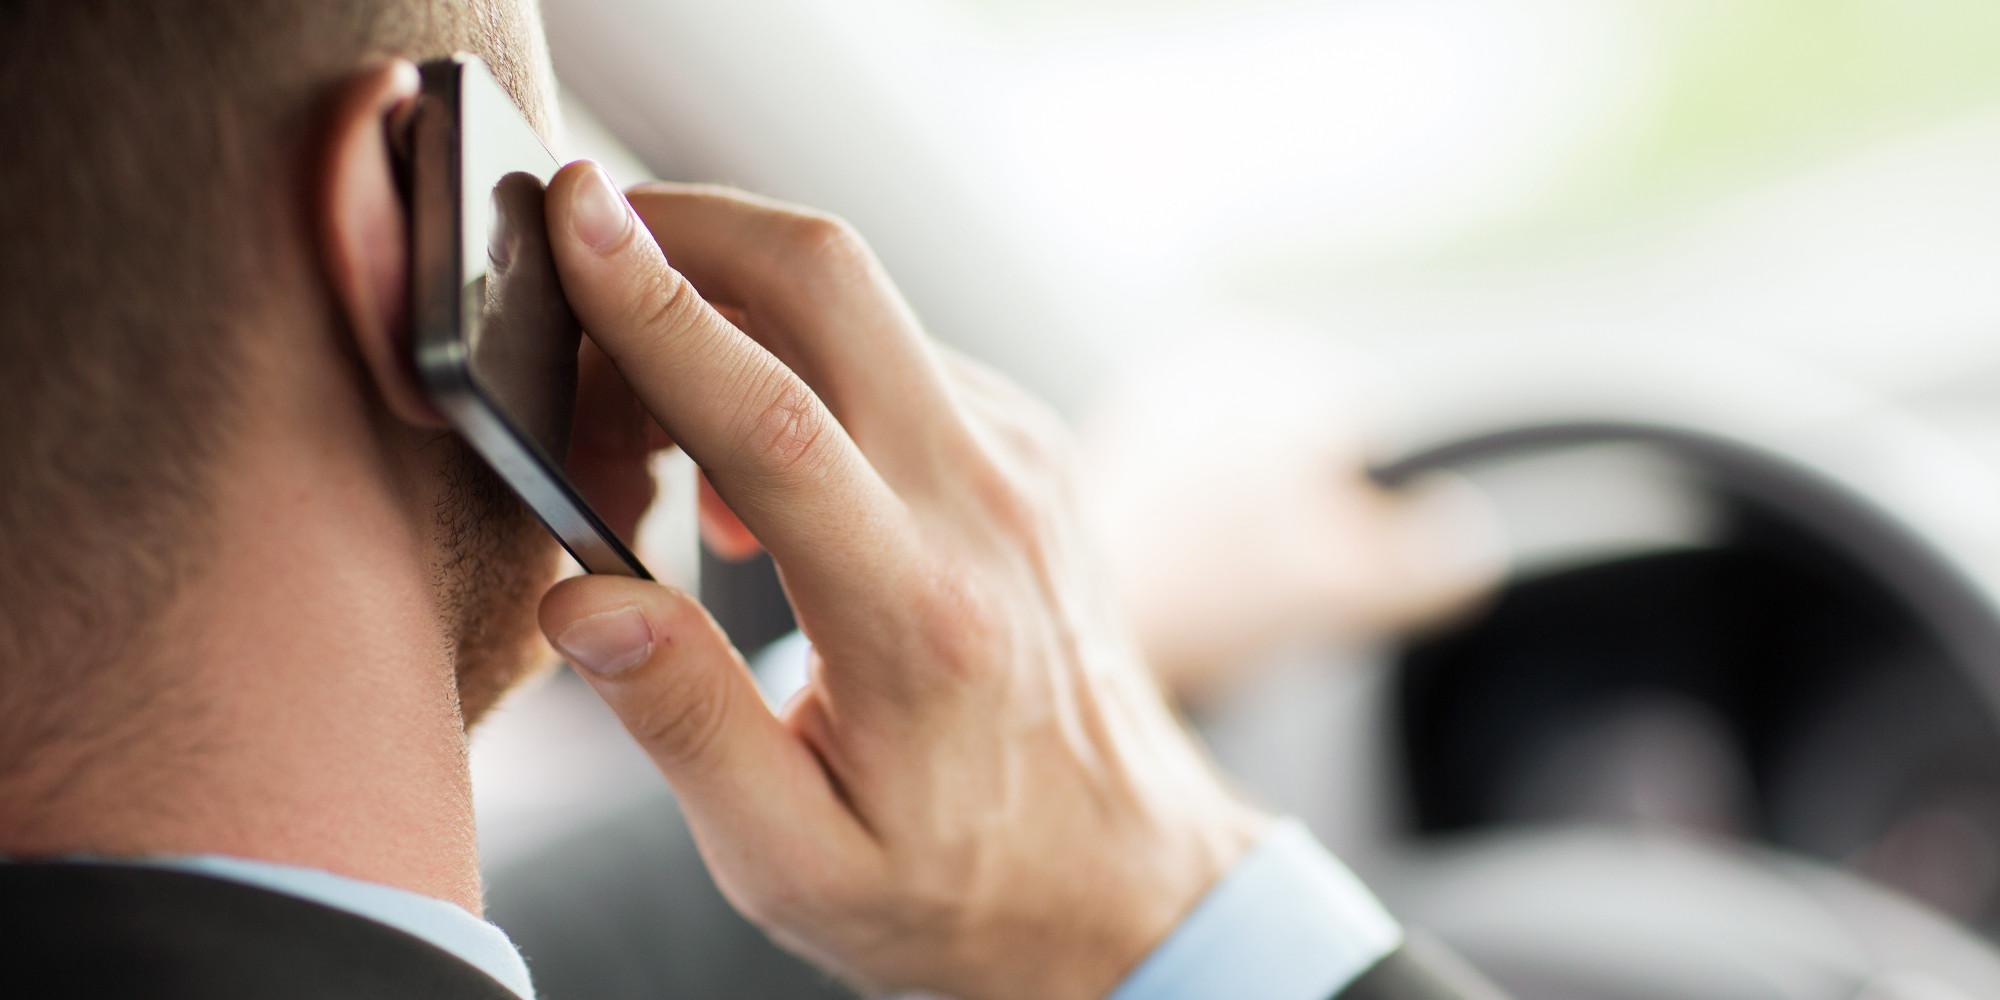 Предолгото користење мобилен телефон го оштетува 'рбетот